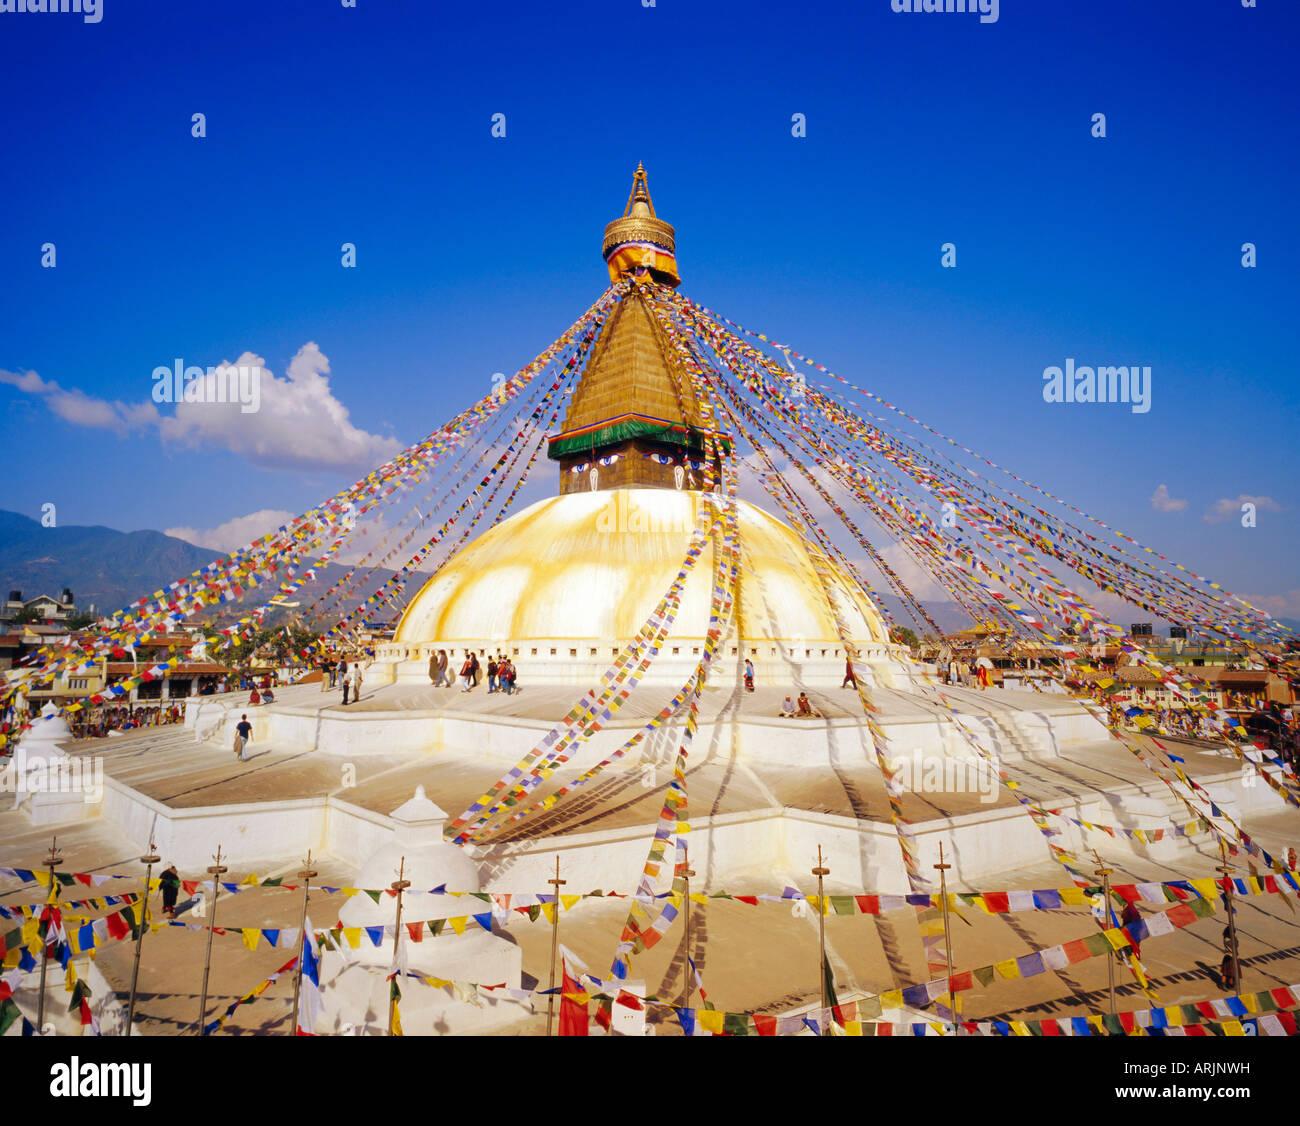 Buddhist Stupa, Bodnath, Katmandu, Nepal - Stock Image